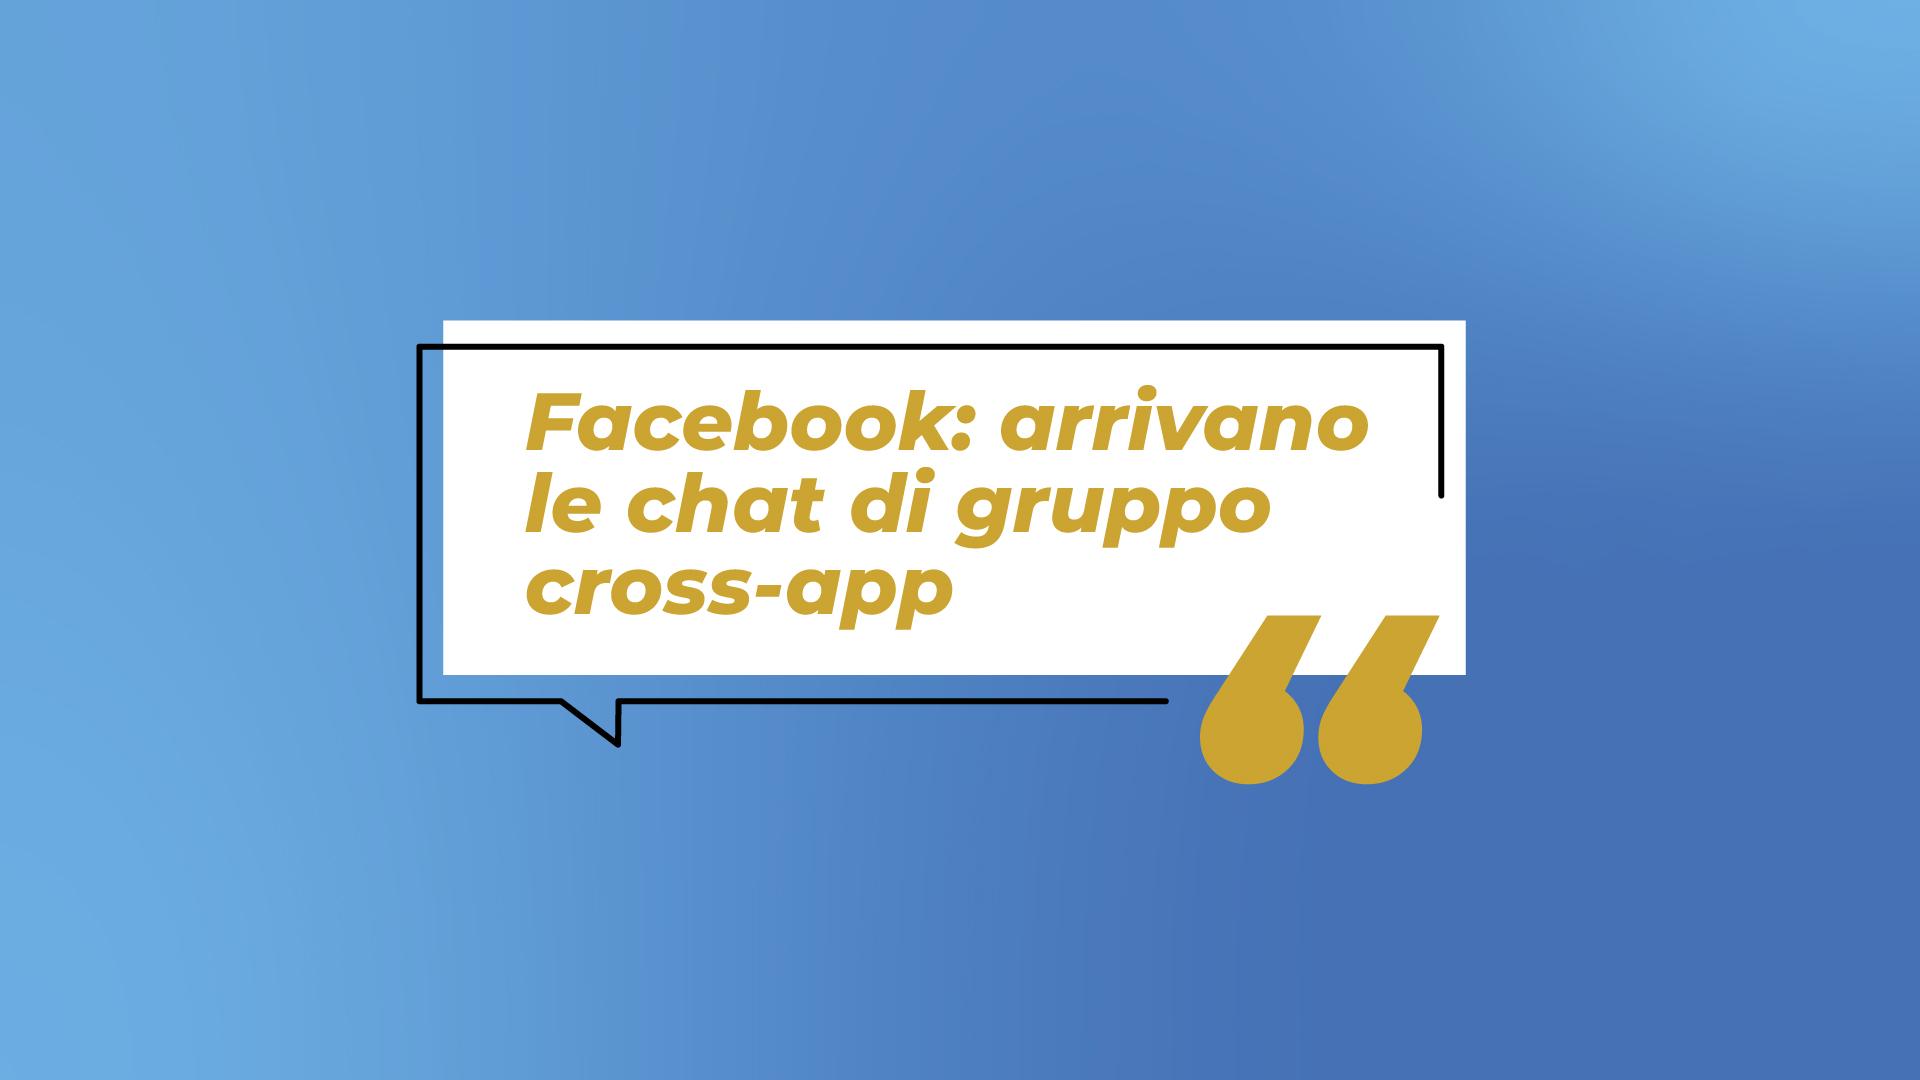 Facebook, la svolta dei servizi di messaggistica: arrivano le chat di gruppo cross-app